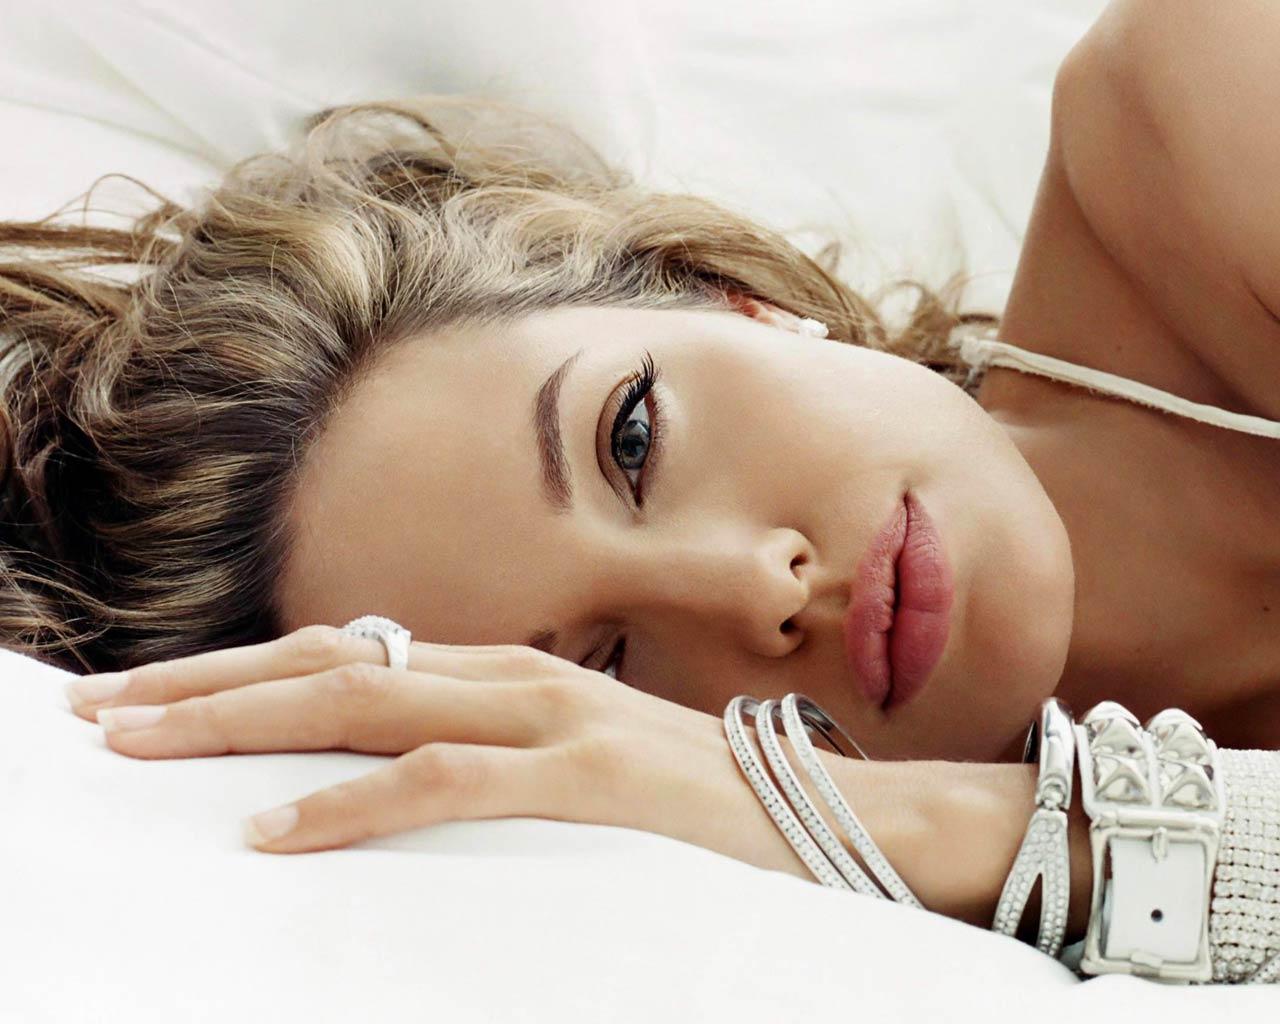 http://3.bp.blogspot.com/-Hed_jX4GpJg/T08i_ulTbLI/AAAAAAAAA7c/xgKI4_hAX78/s1600/angelina-jolie-3.jpg